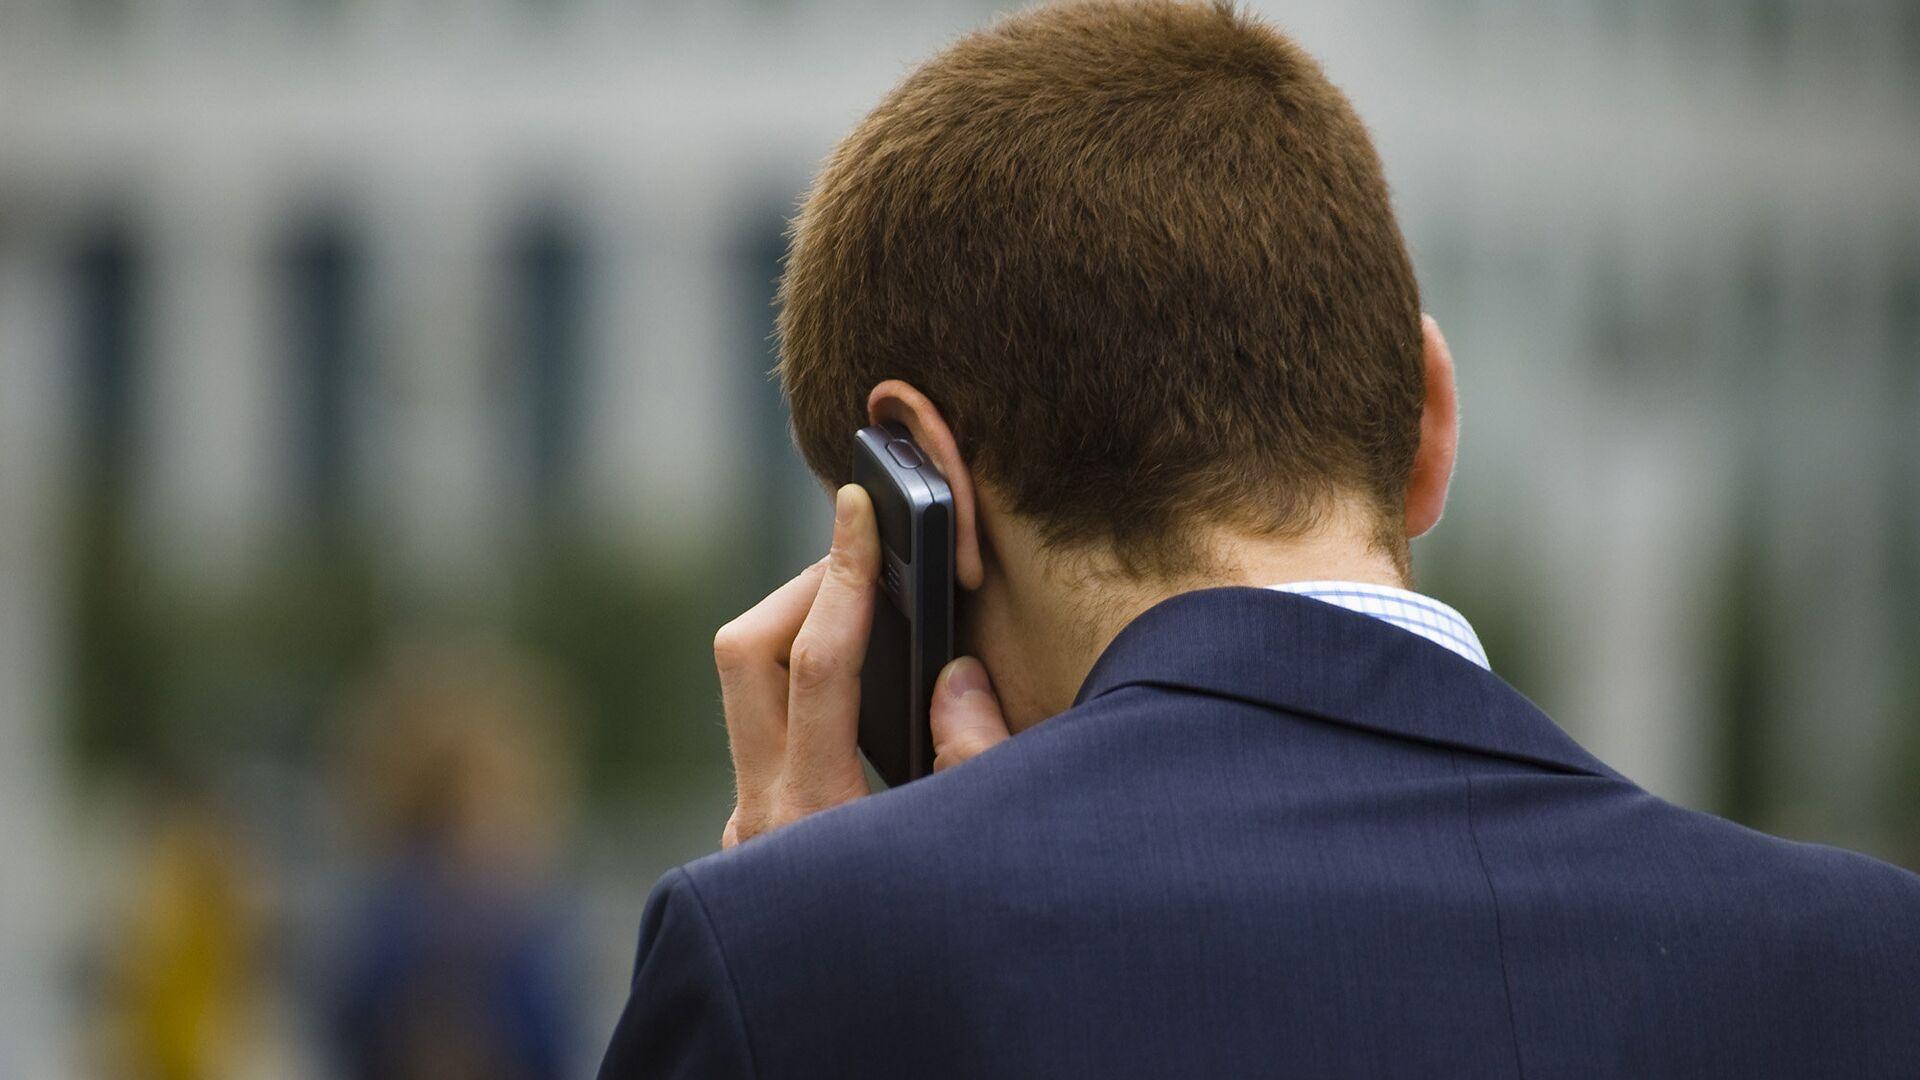 Человек разговаривает по телефону  - РИА Новости, 1920, 15.01.2021